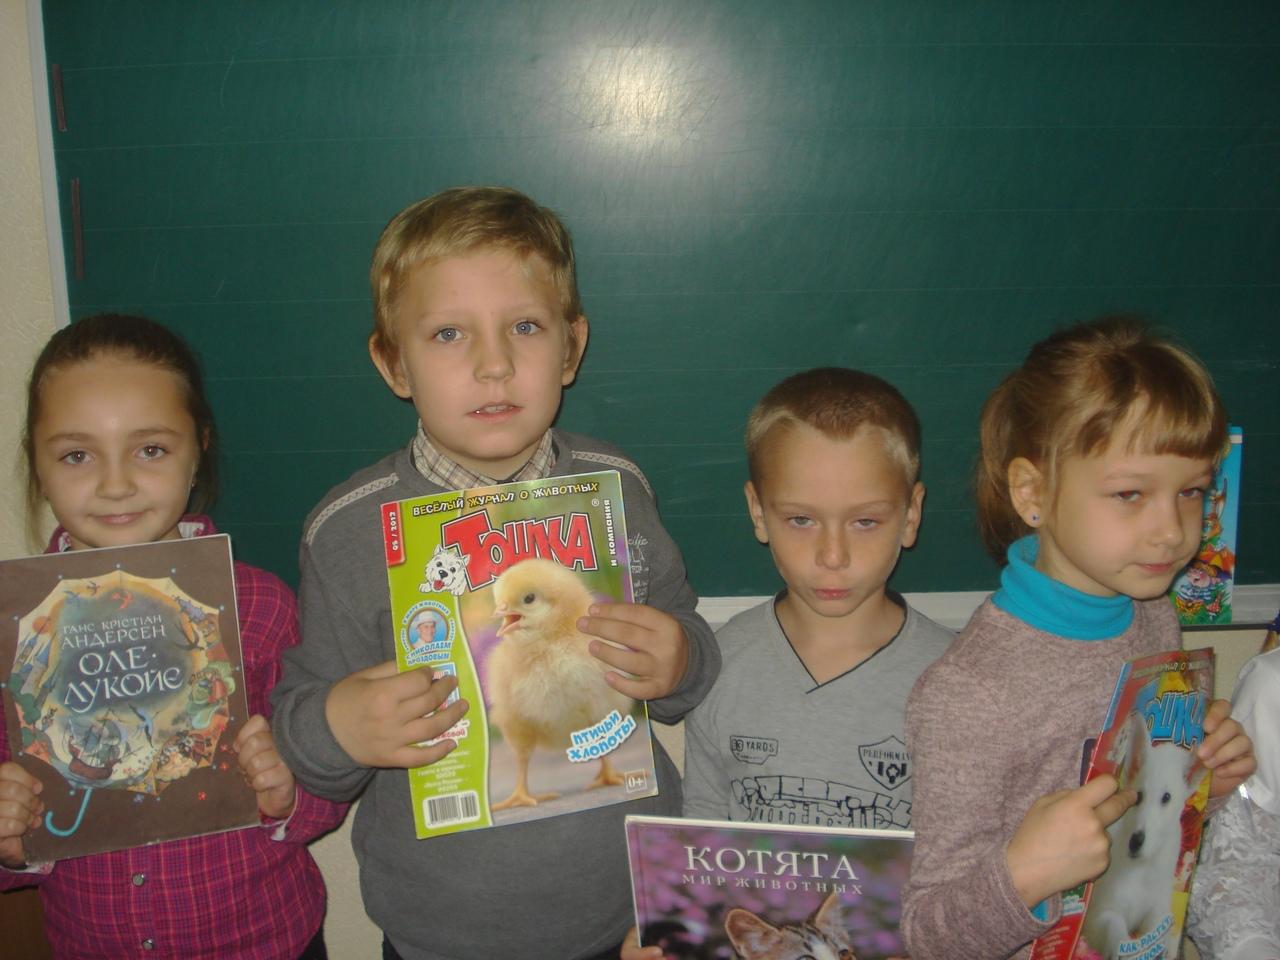 донецкая республиканская библиотека для детей, отдел обслуживания дошкольников и учащихся 1-4 классов, детям о профессиях, с библиотекой интересно